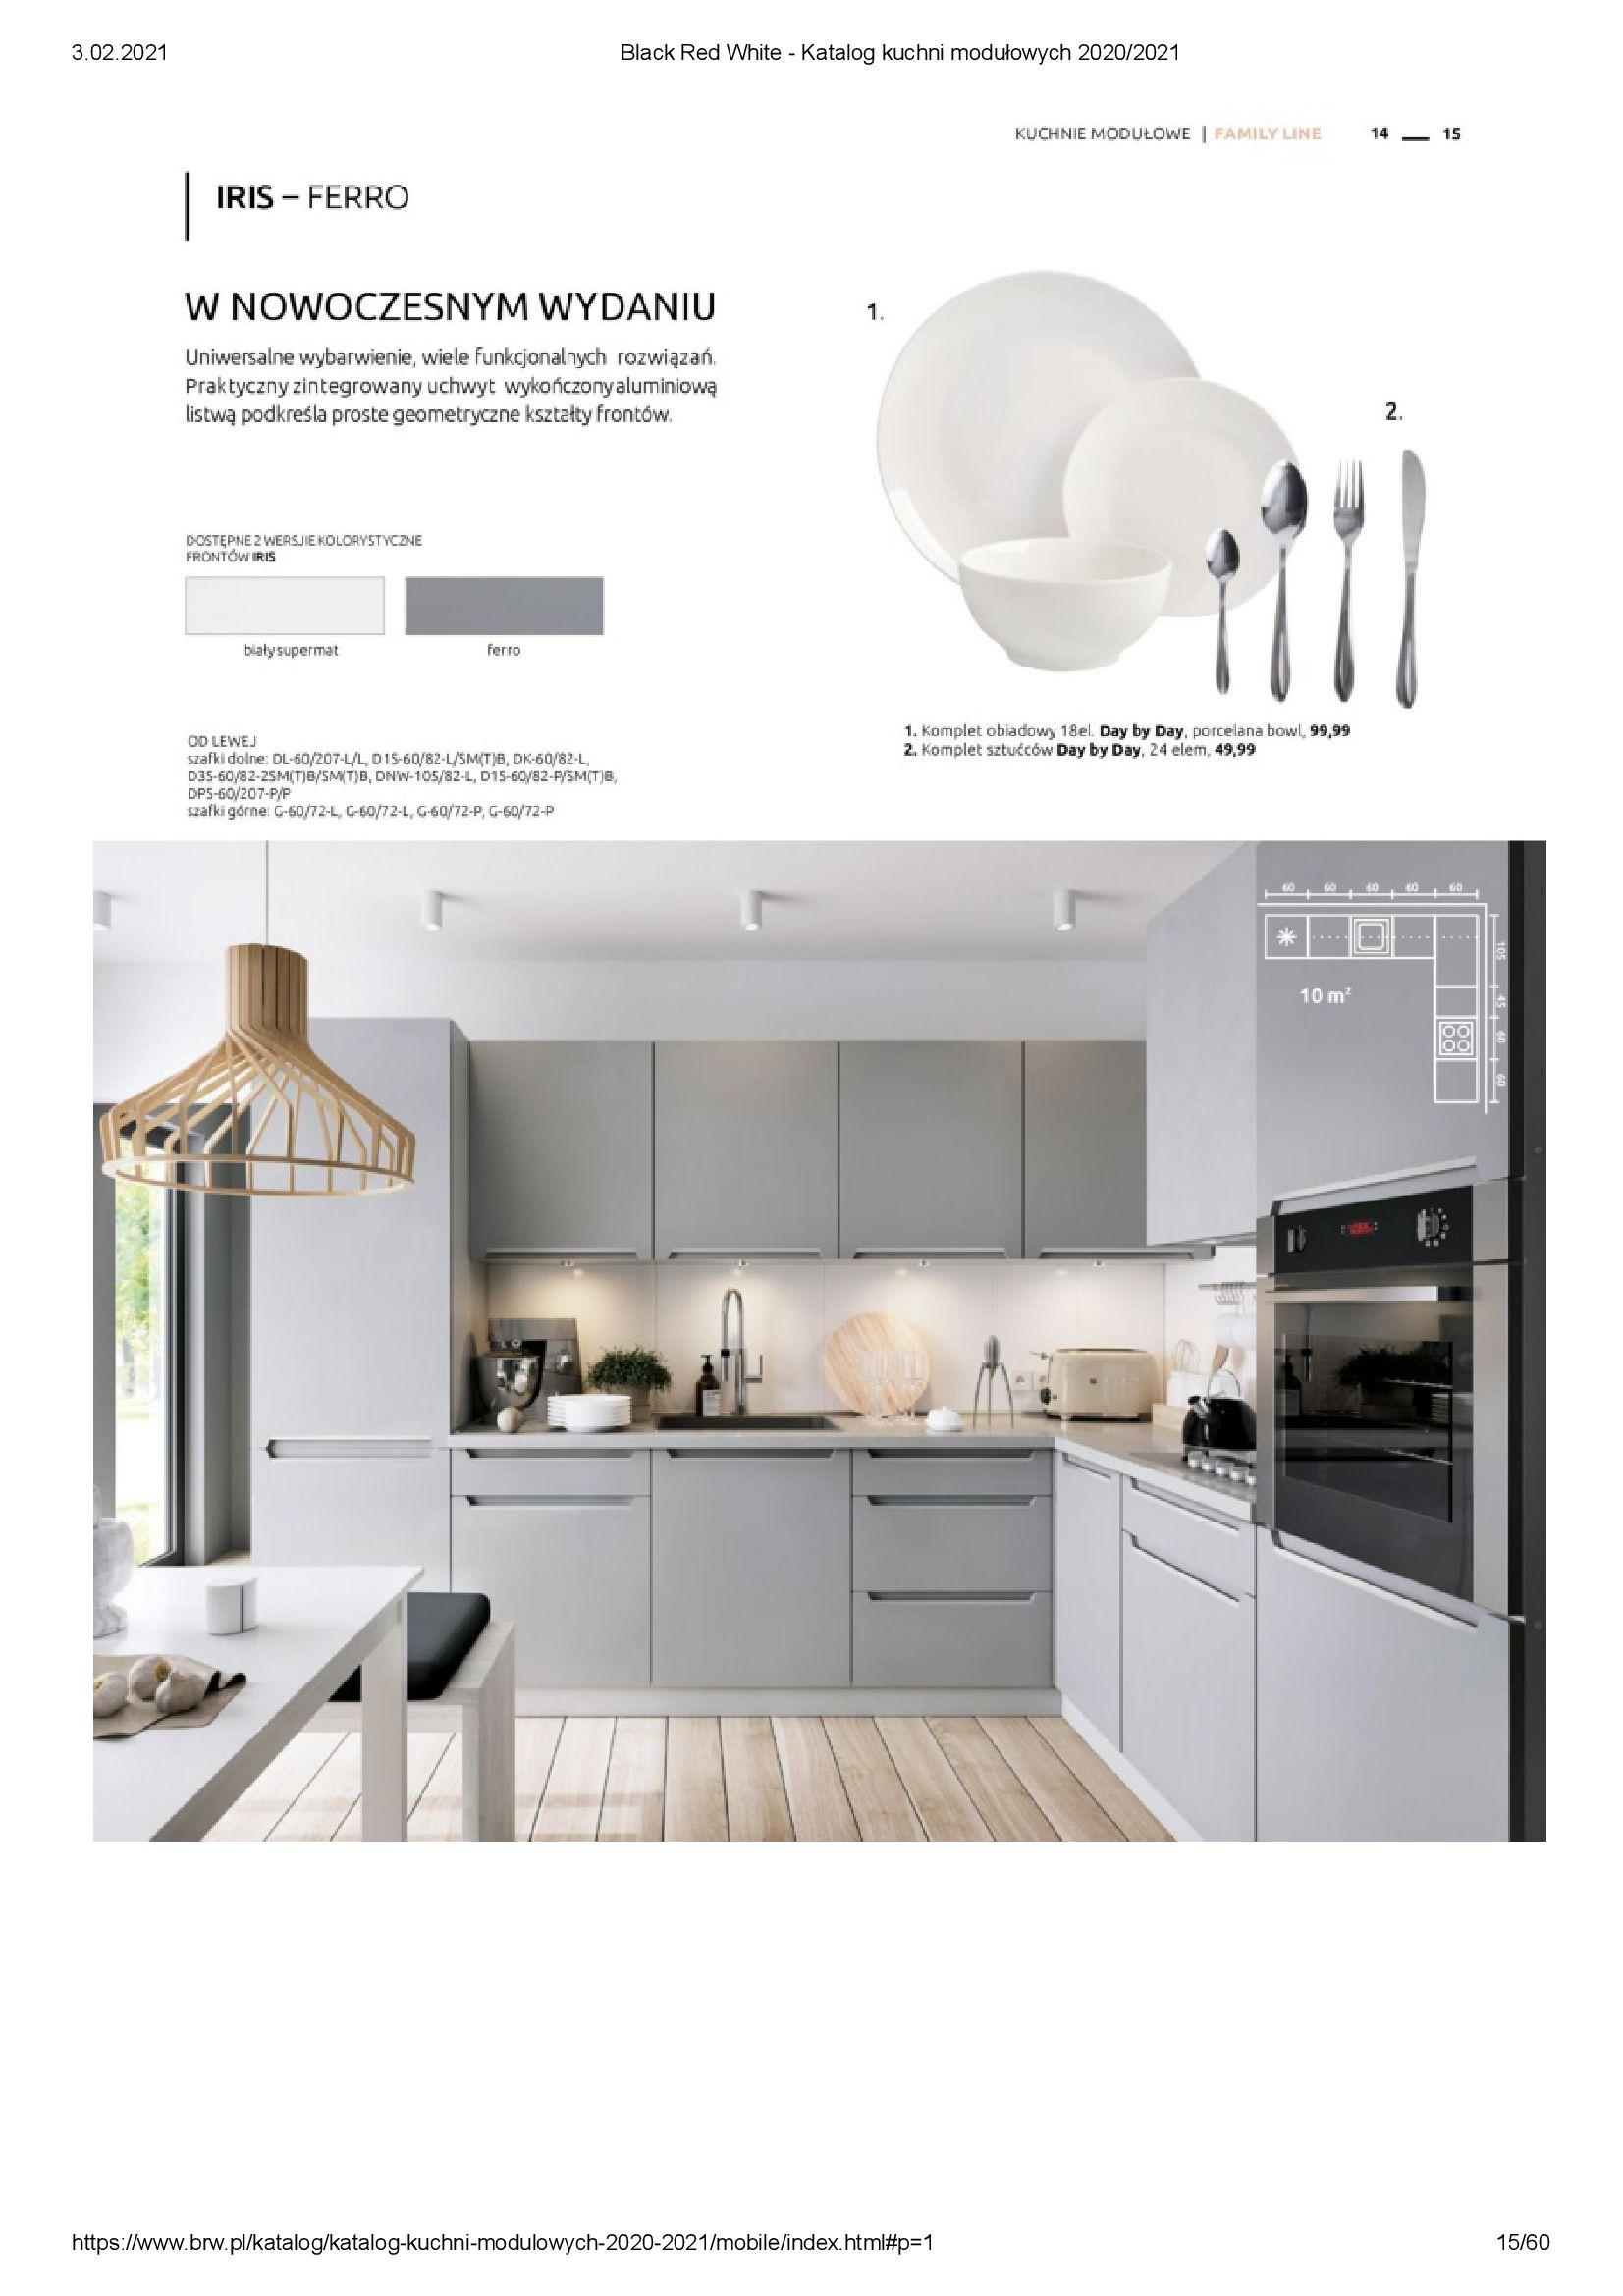 Gazetka Black Red White: Katalog - Kuchnie modułowe 2020/2021 2021-01-01 page-15